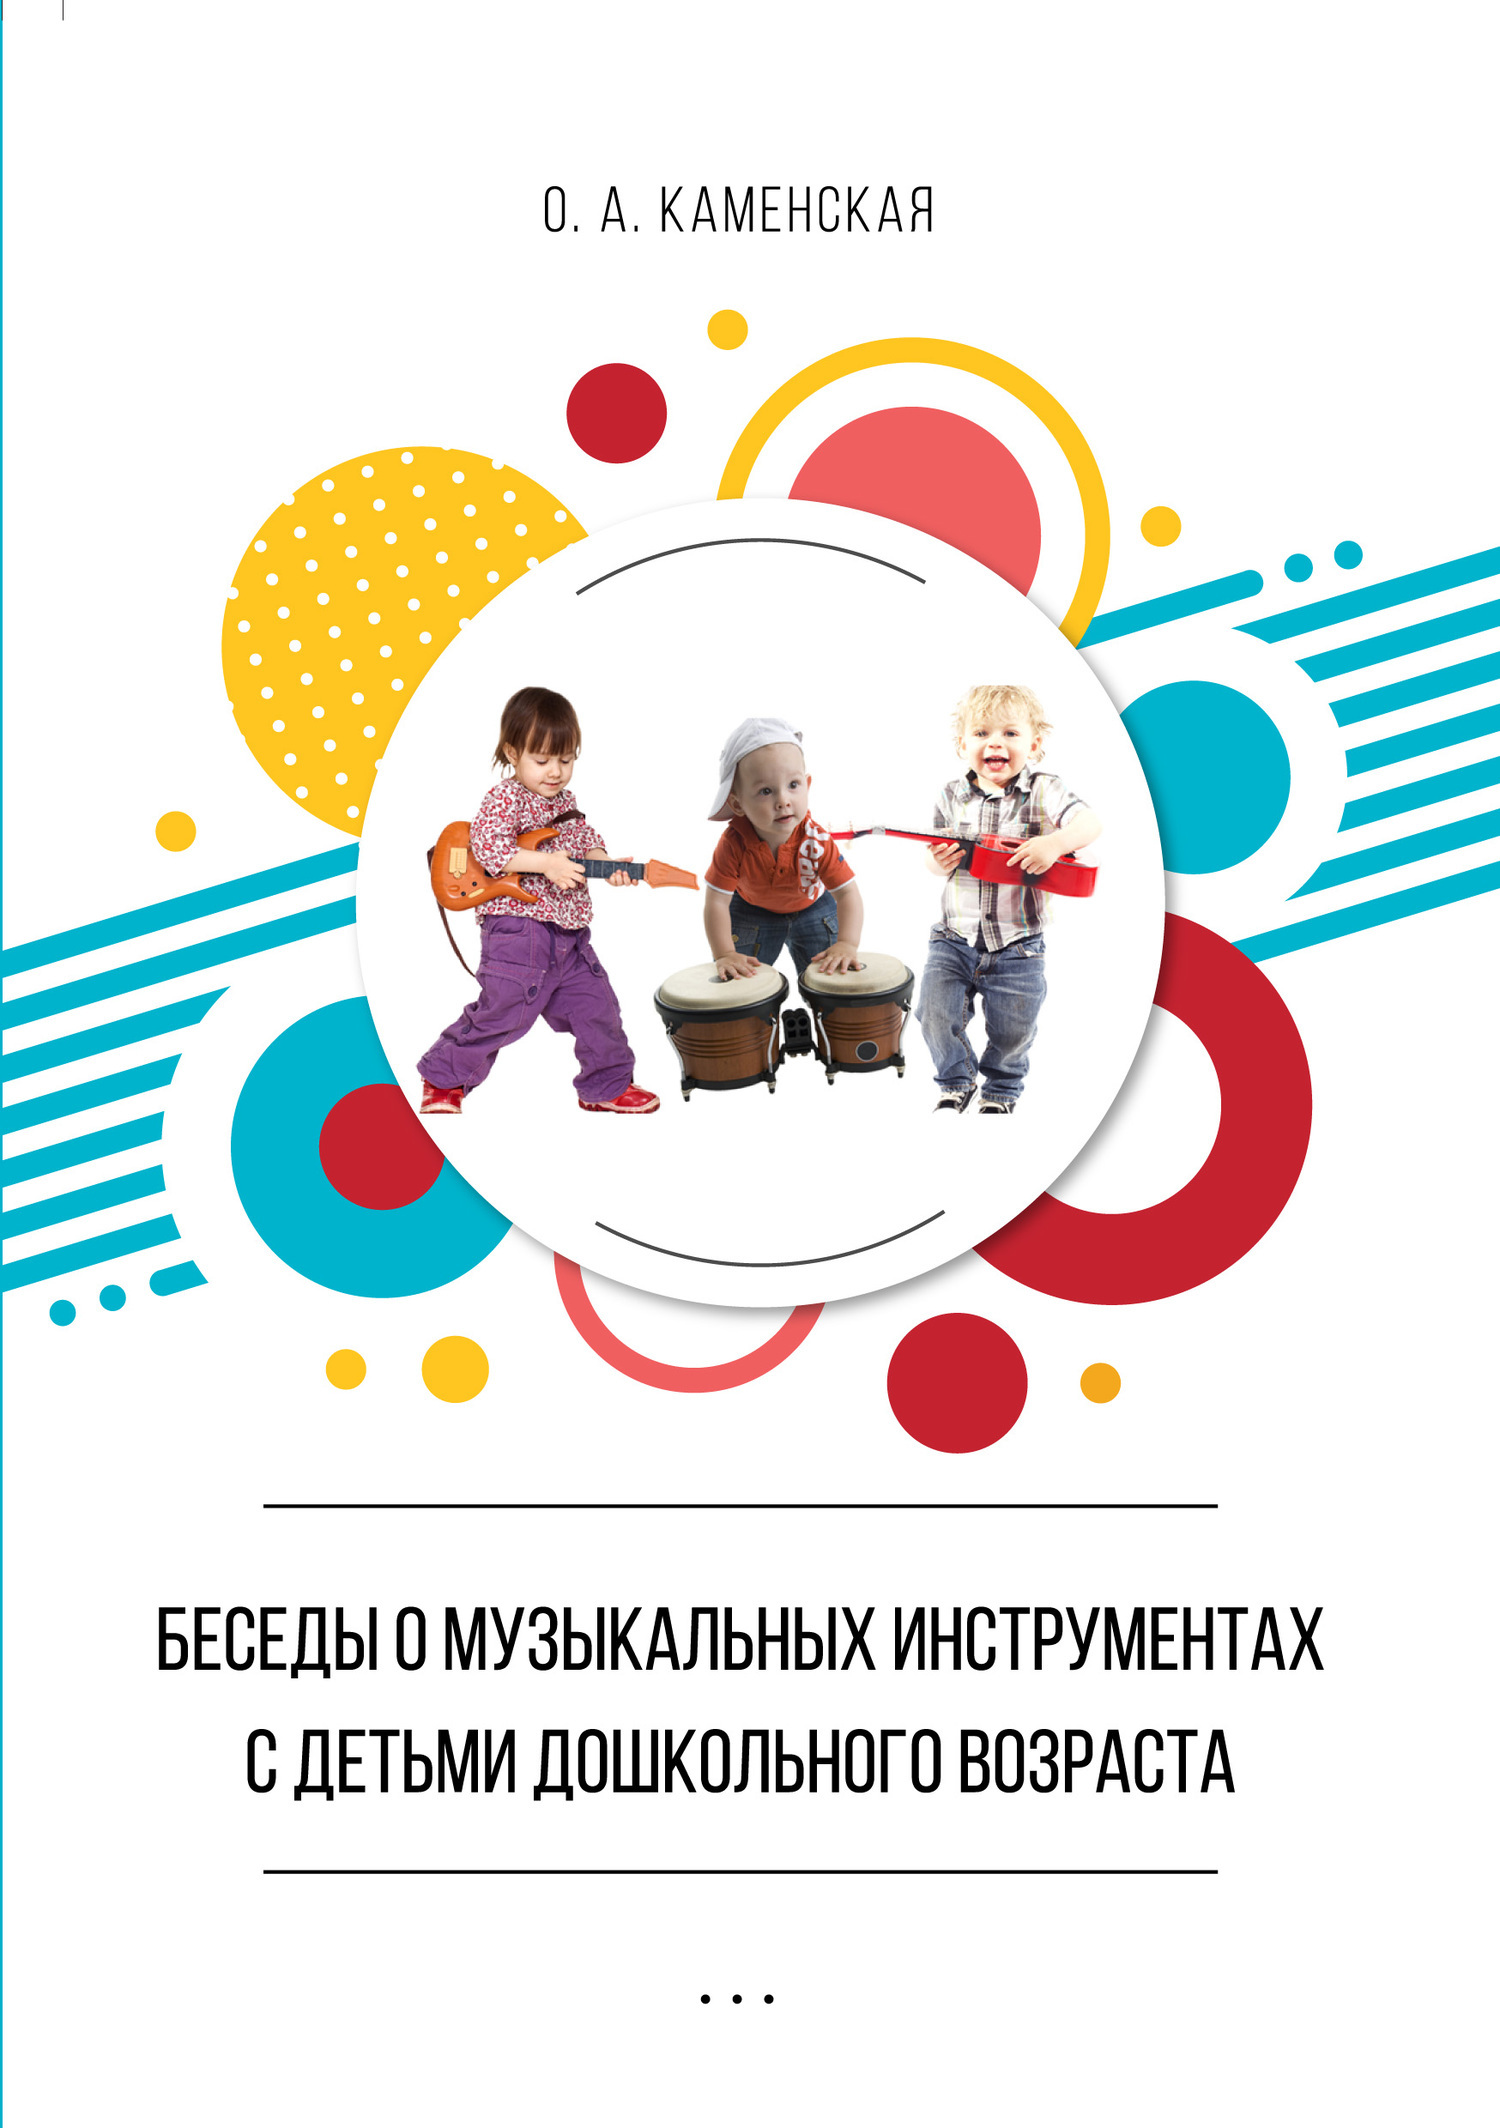 Оксана Каменская - Беседы о музыкальных инструментах с детьми дошкольного возраста. Из опыта работы